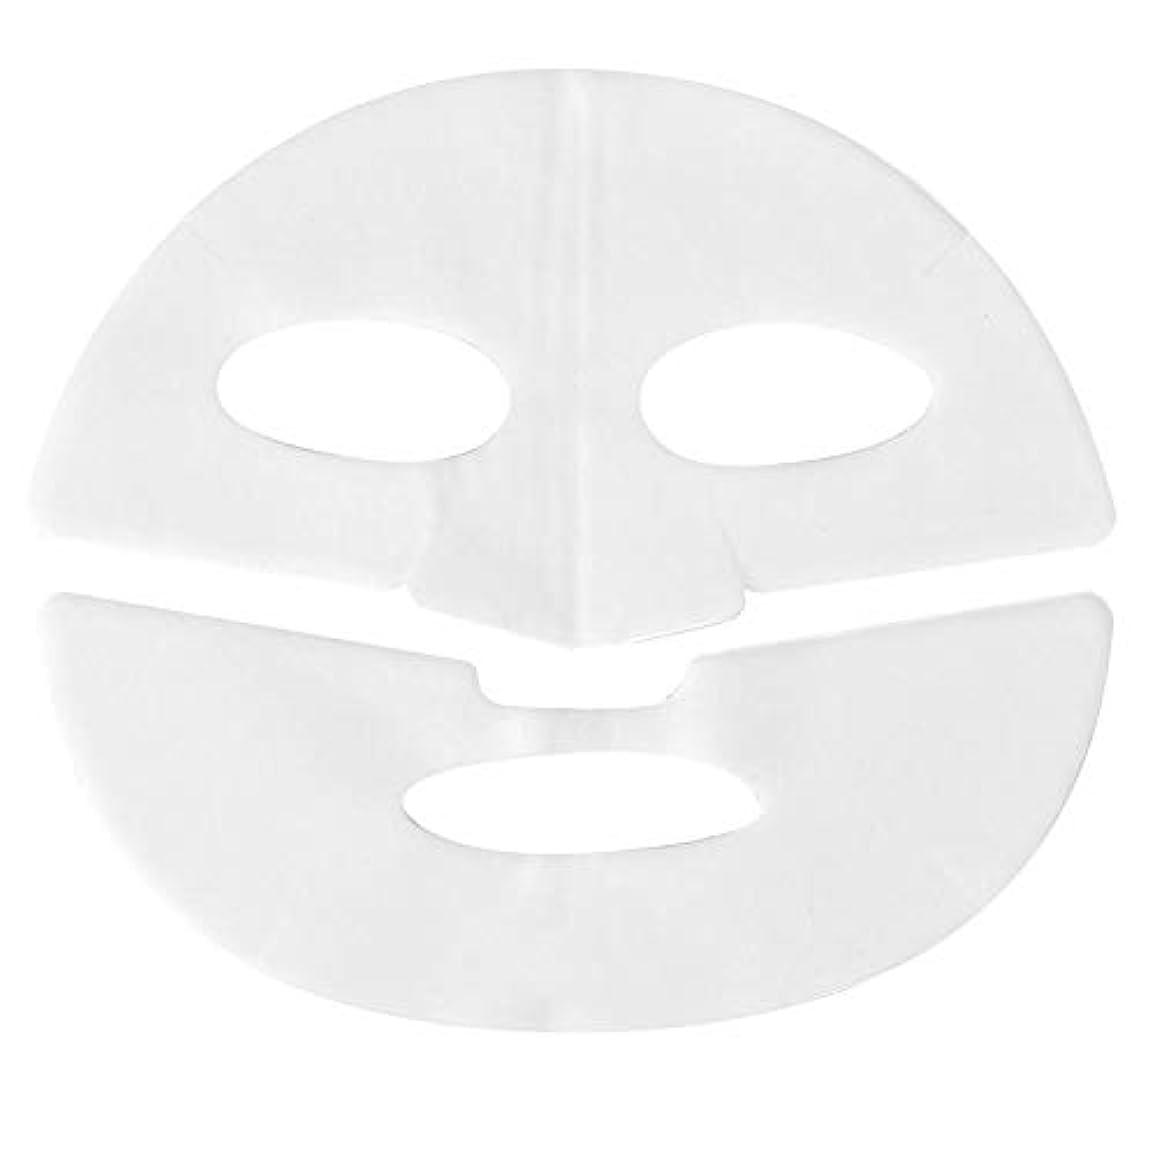 消費者文芸最終10 PCS痩身マスク - 水分補給用V字型マスク、保湿マスク - 首とあごのリフト、アンチエイジング、しわを軽減